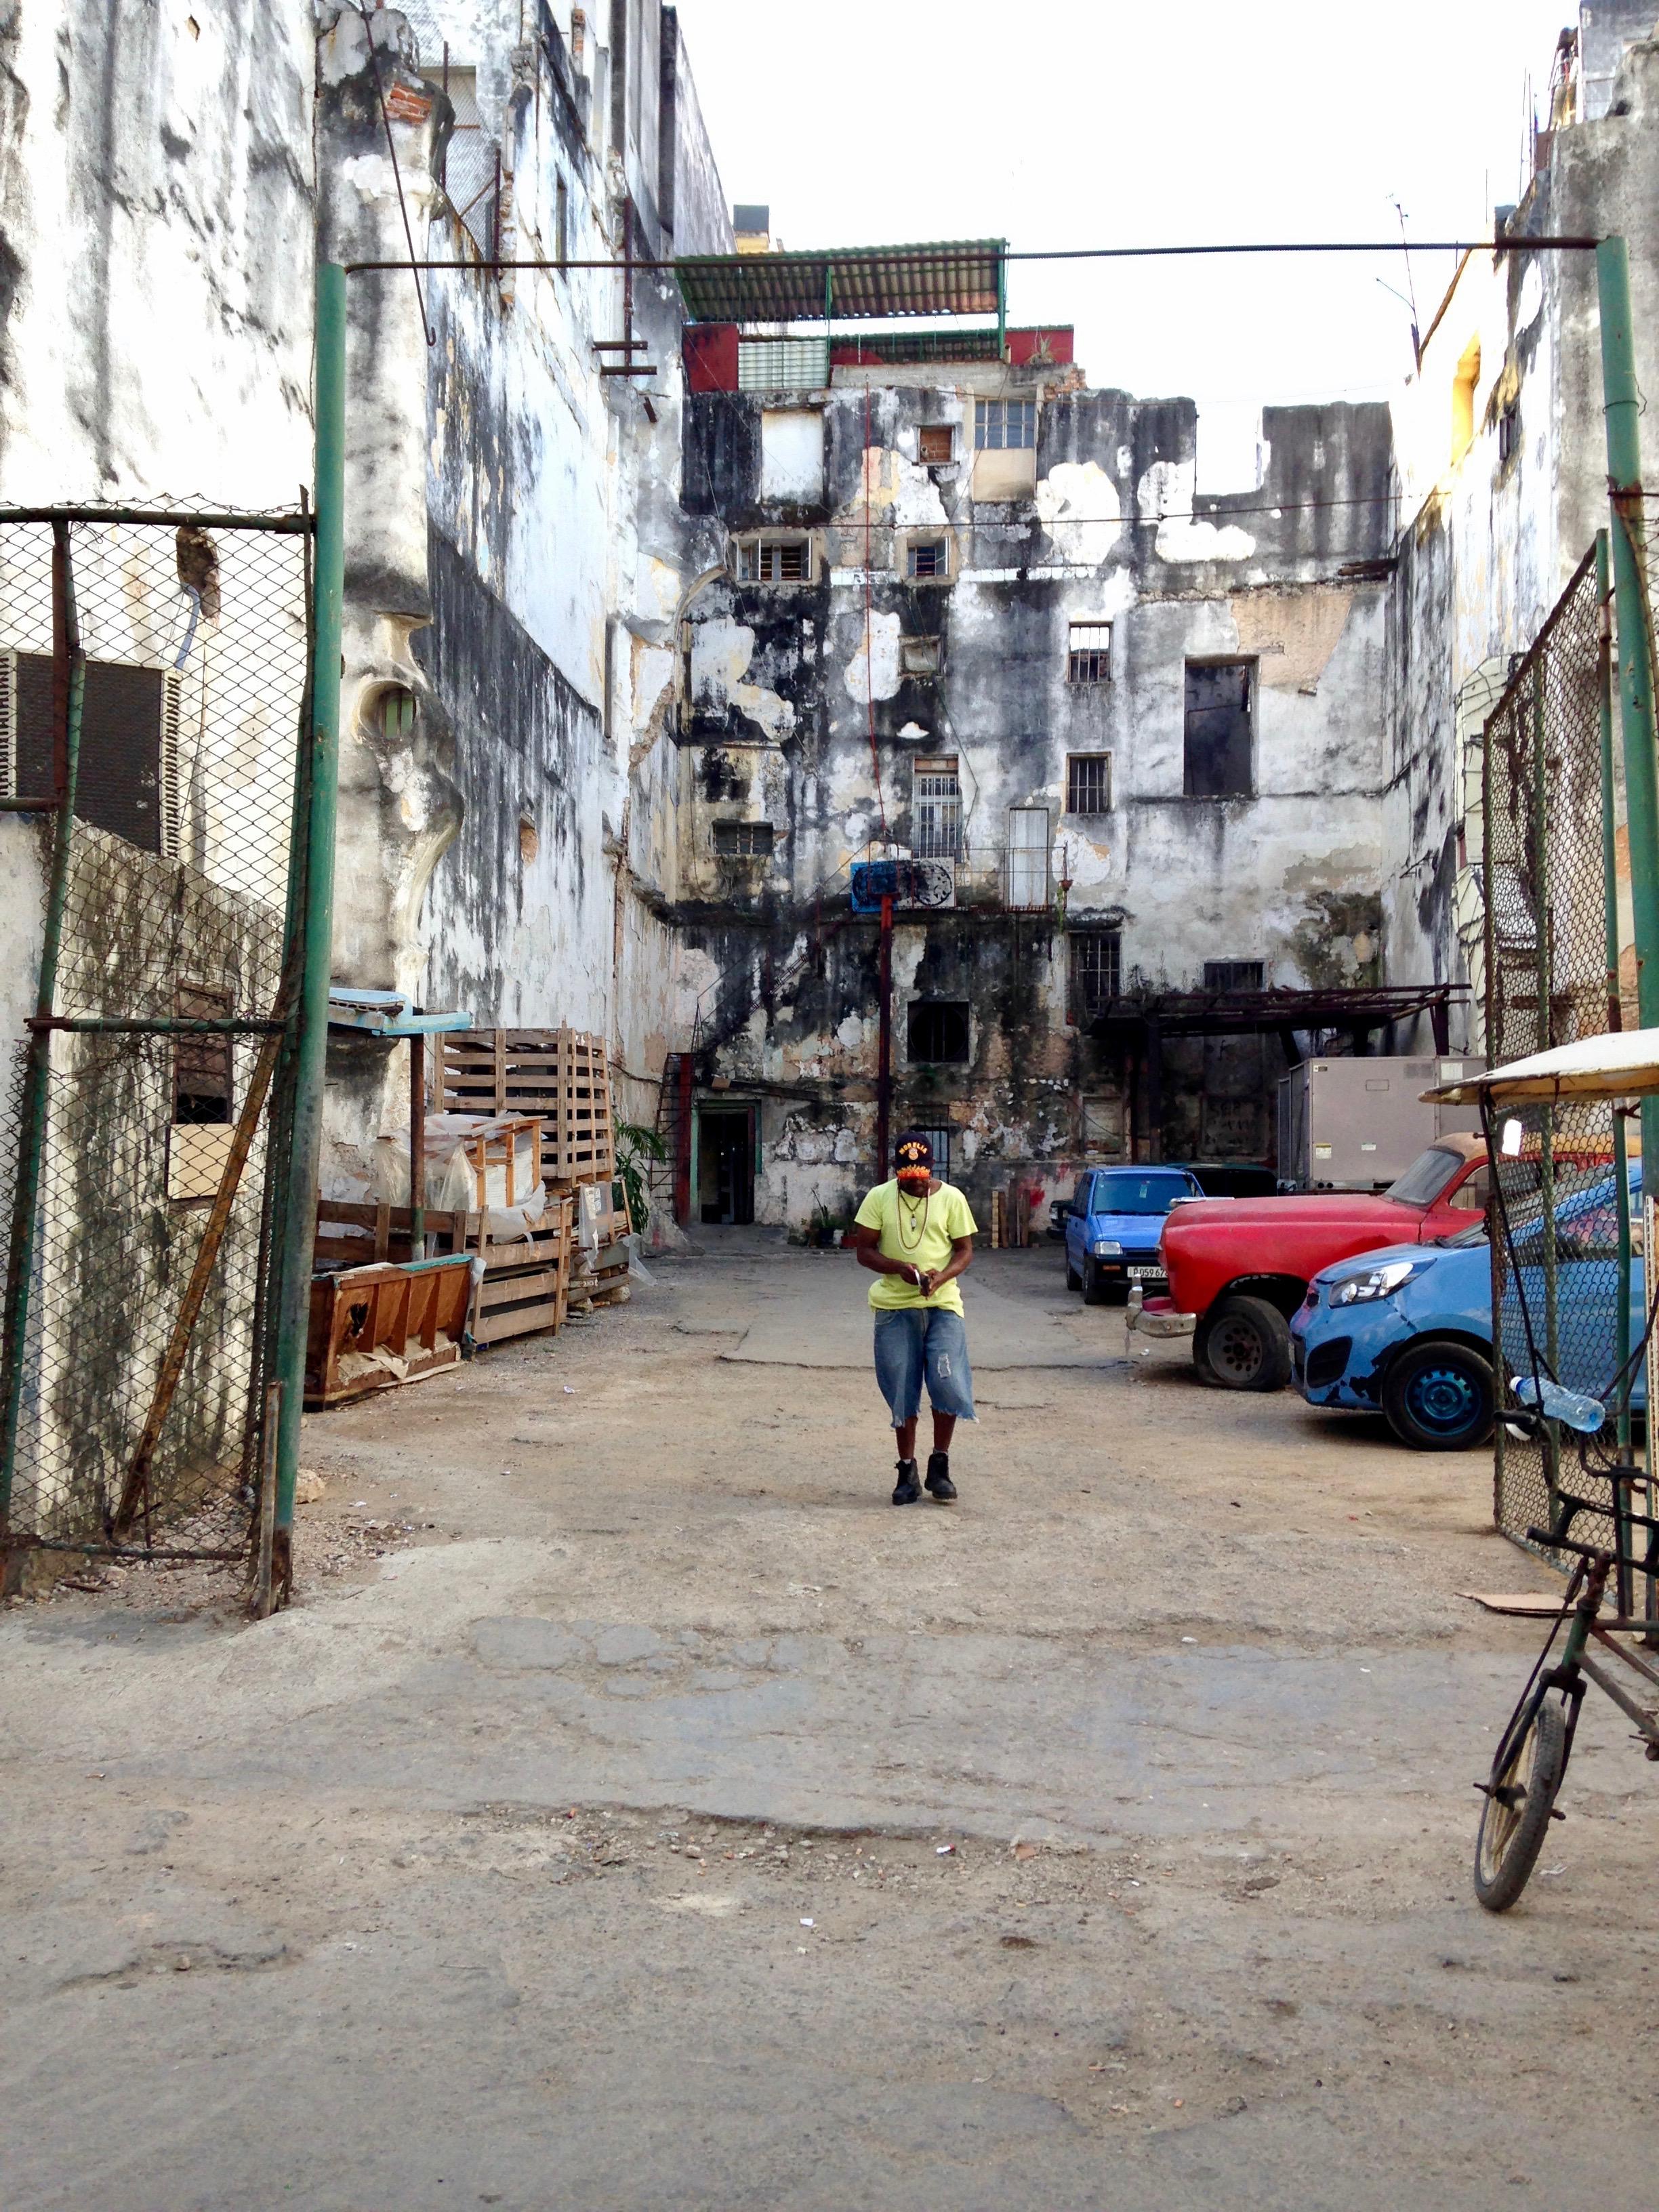 Centro Habana. Photo by J. Austria